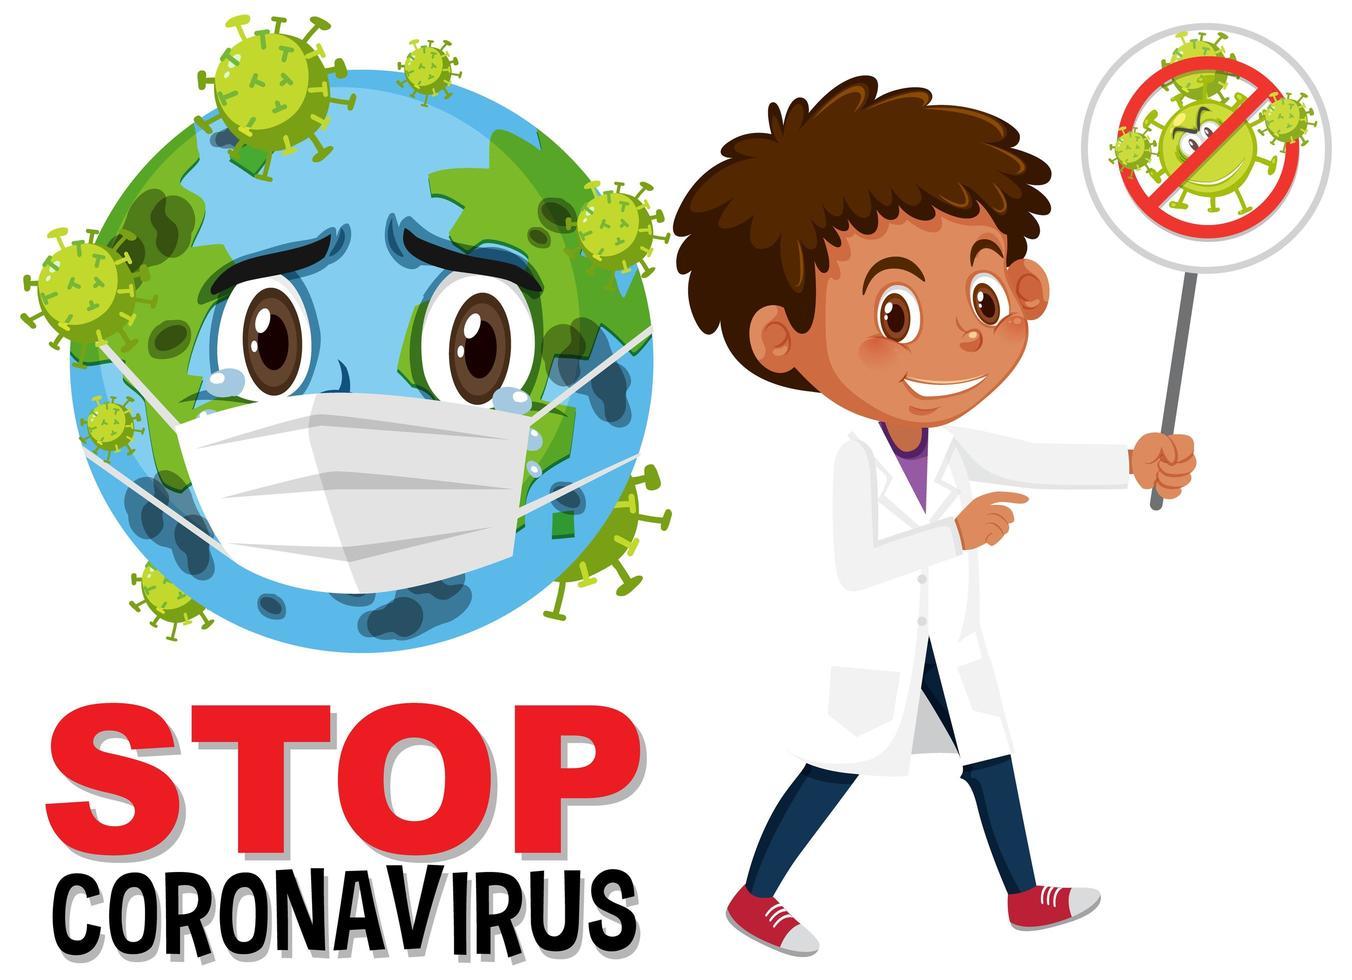 arrêter le texte du coronavirus avec la terre portant un masque facial vecteur